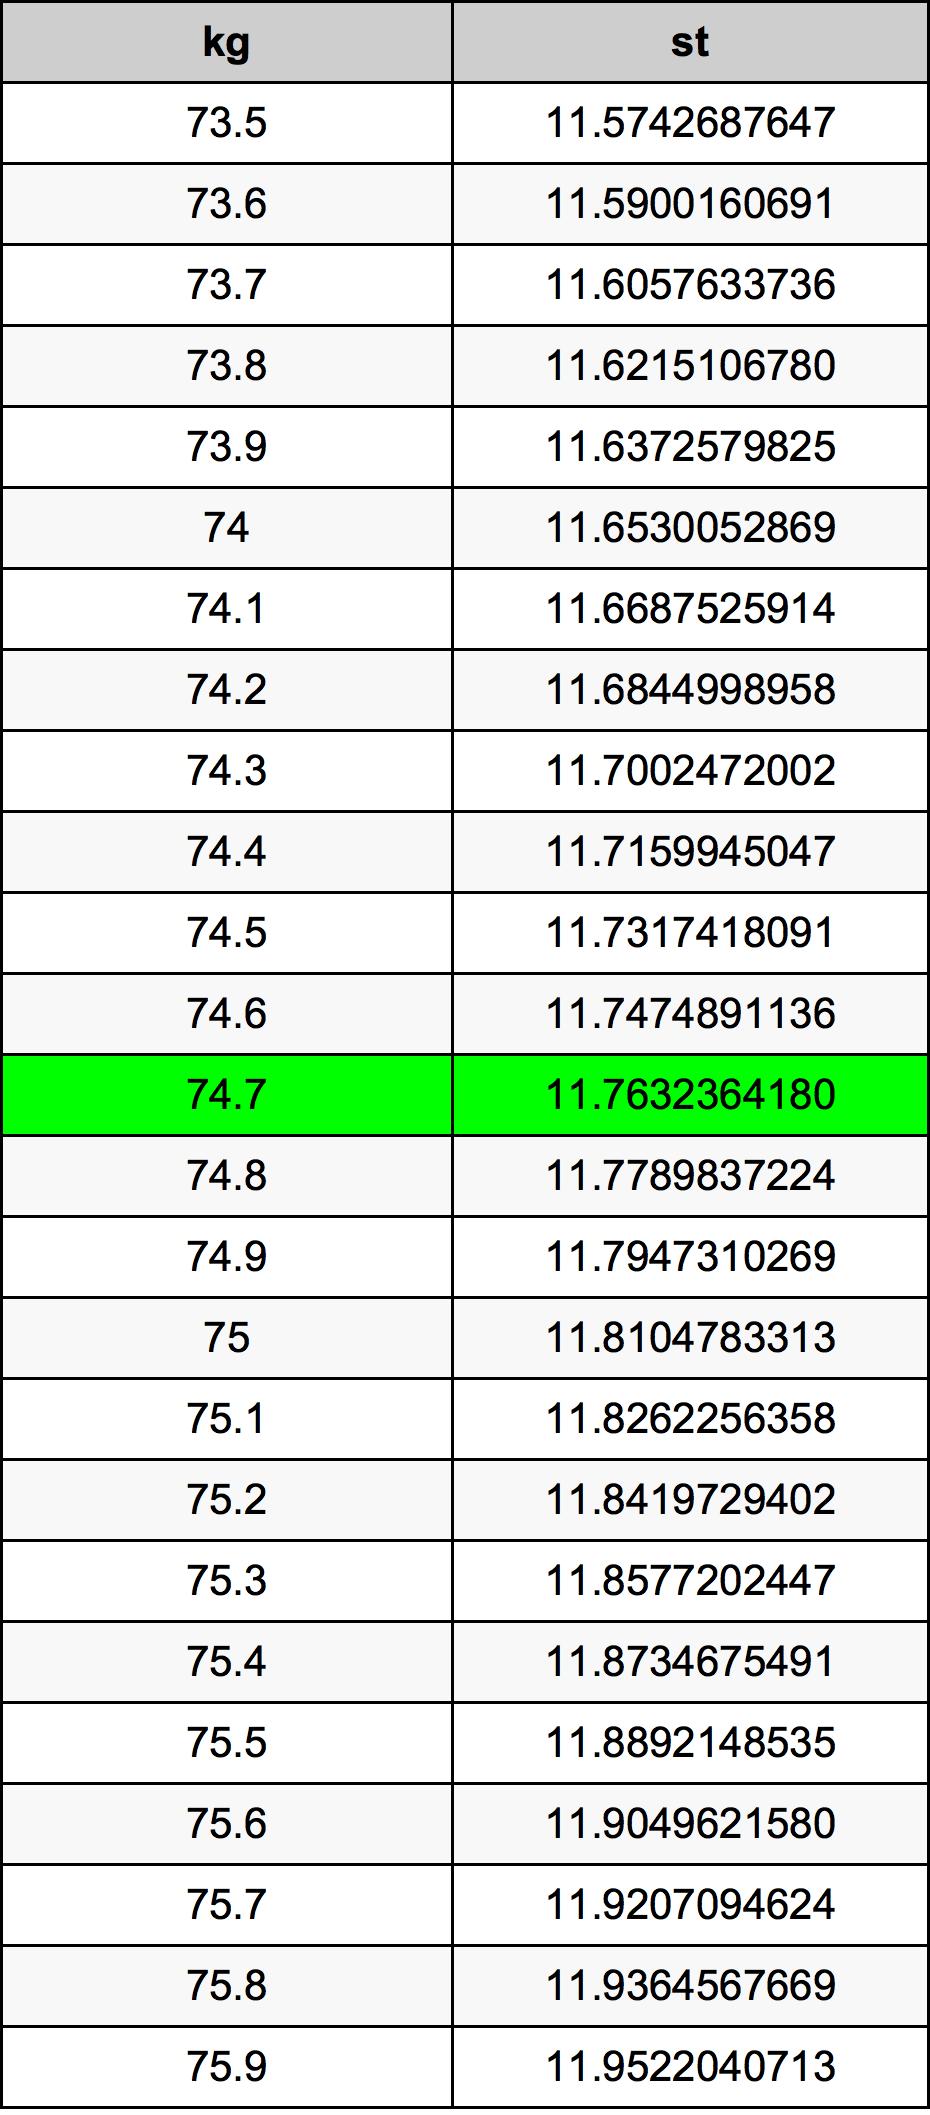 74.7 Kilogramo Tabla de conversión